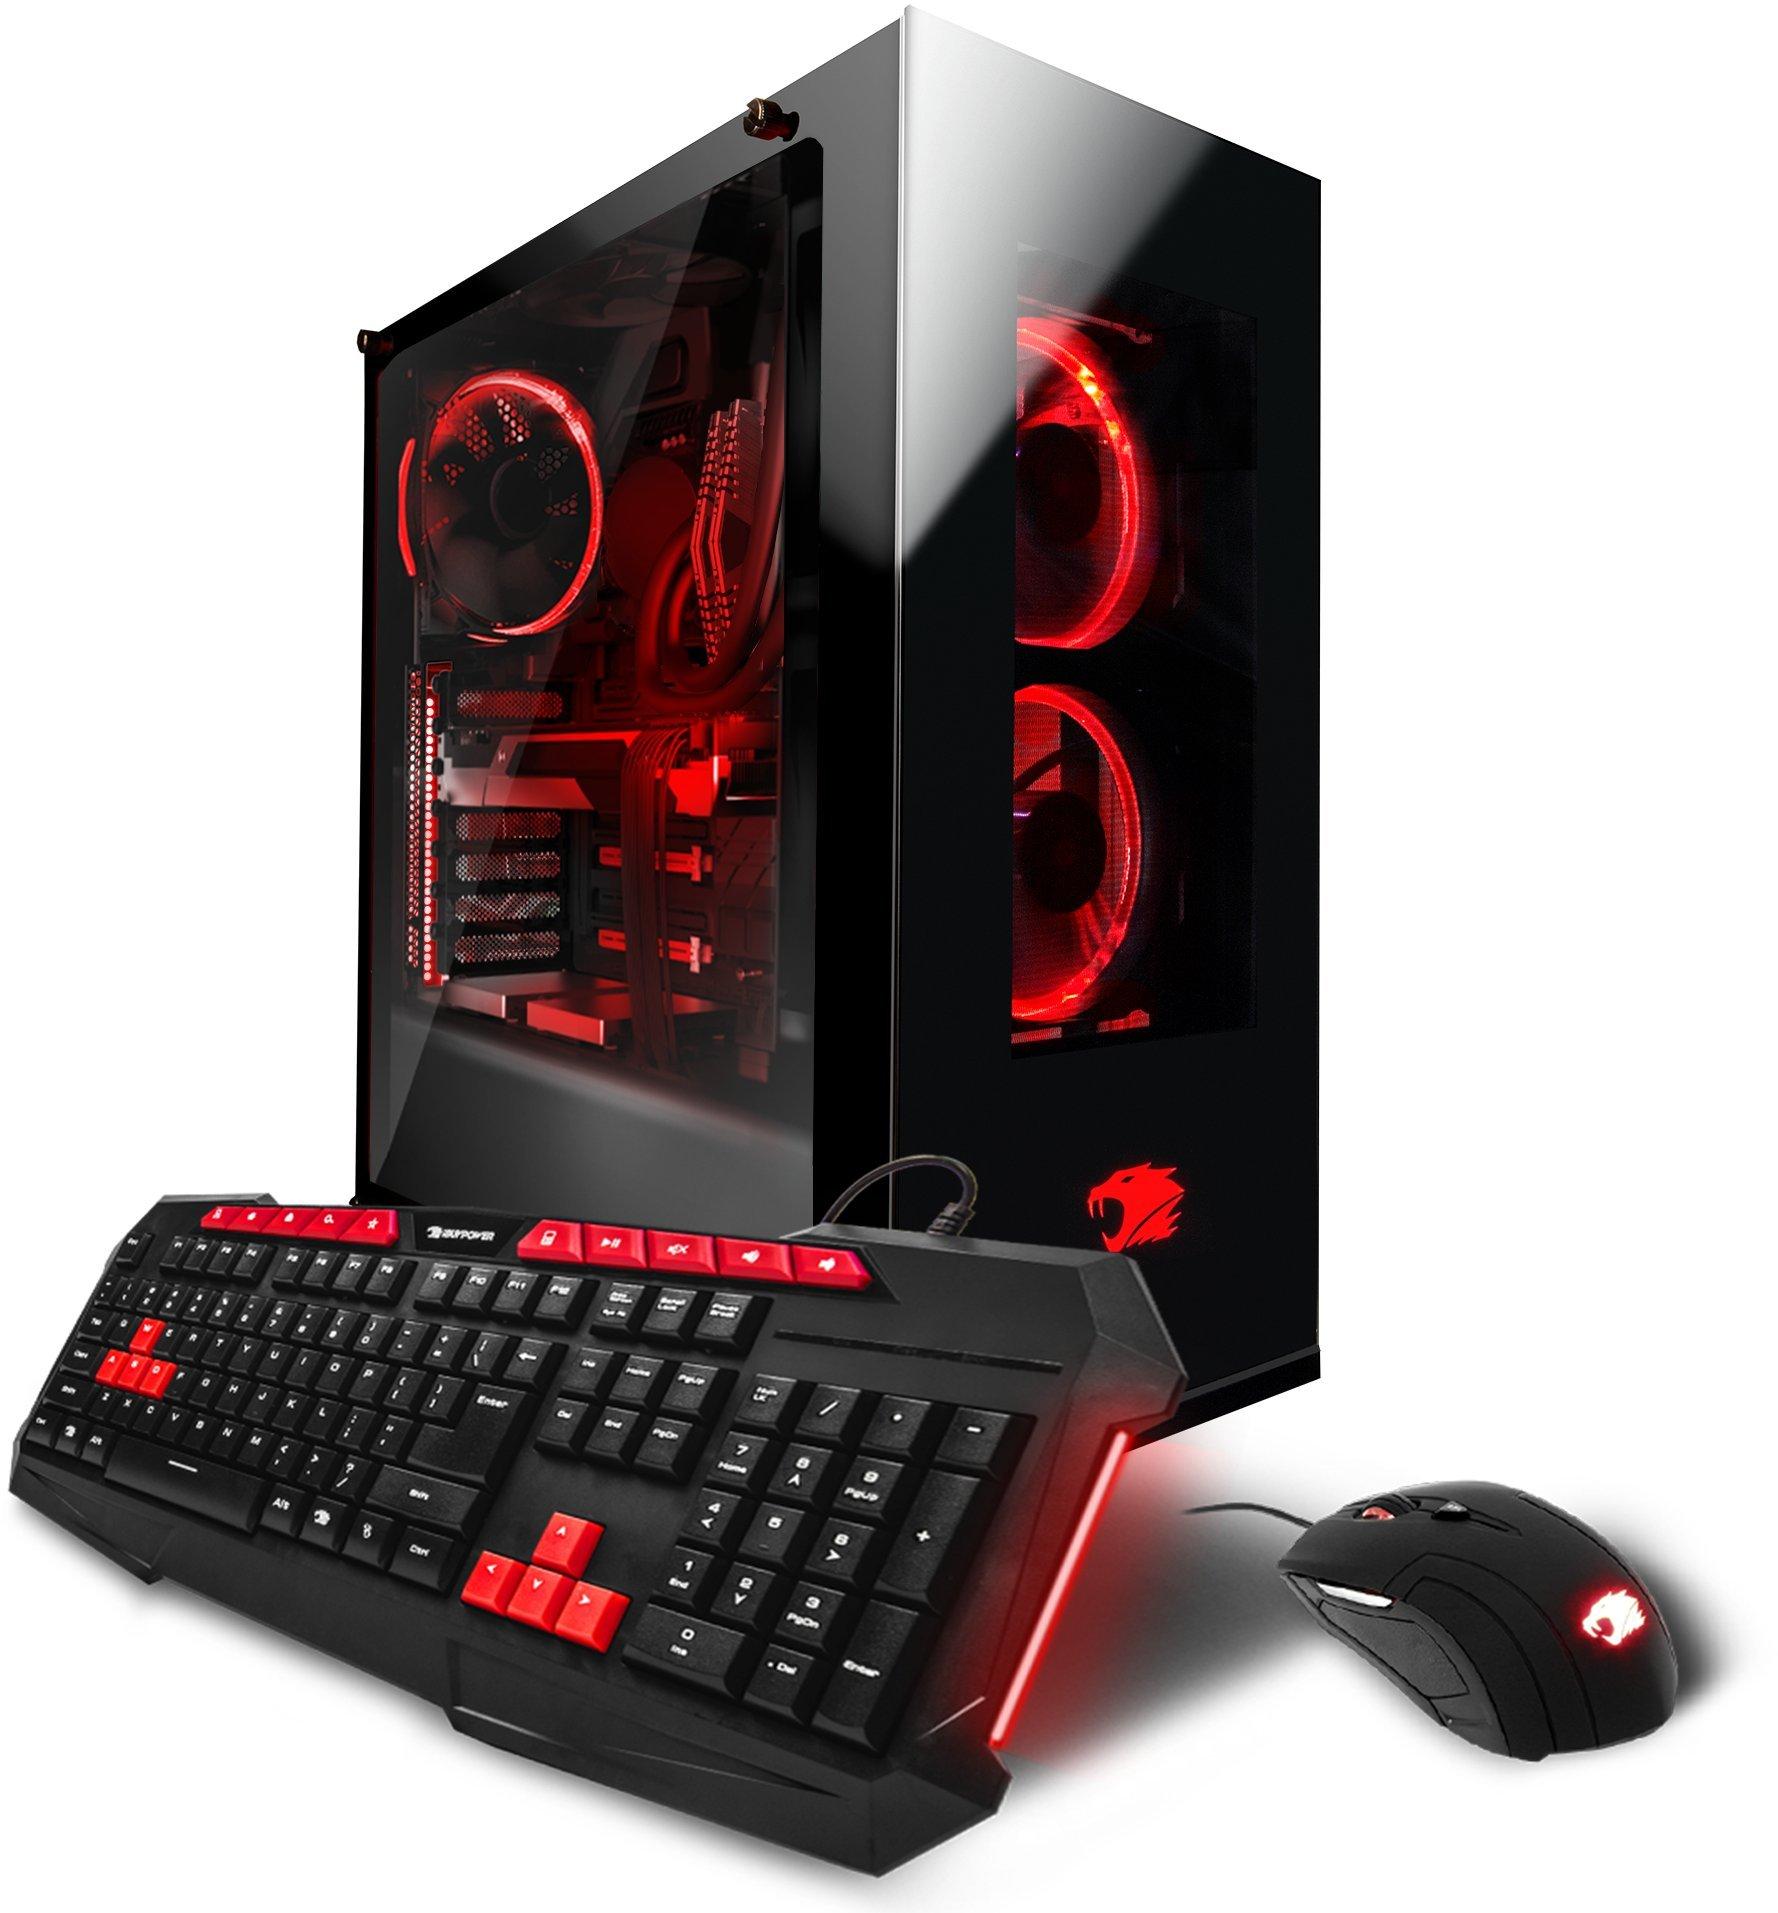 iBUYPOWER Gaming Computer PC AM5204Ei Liquid Cooled, i7-7700K 4.20 GHz, Geforce GTX 1080 Ti 11GB, 16GB DDR4 RAM, 3TB HDD, 240GB SSD, Wifi, Win 10 Home, RGB Lighting, VR Ready, Black by iBUYPOWER